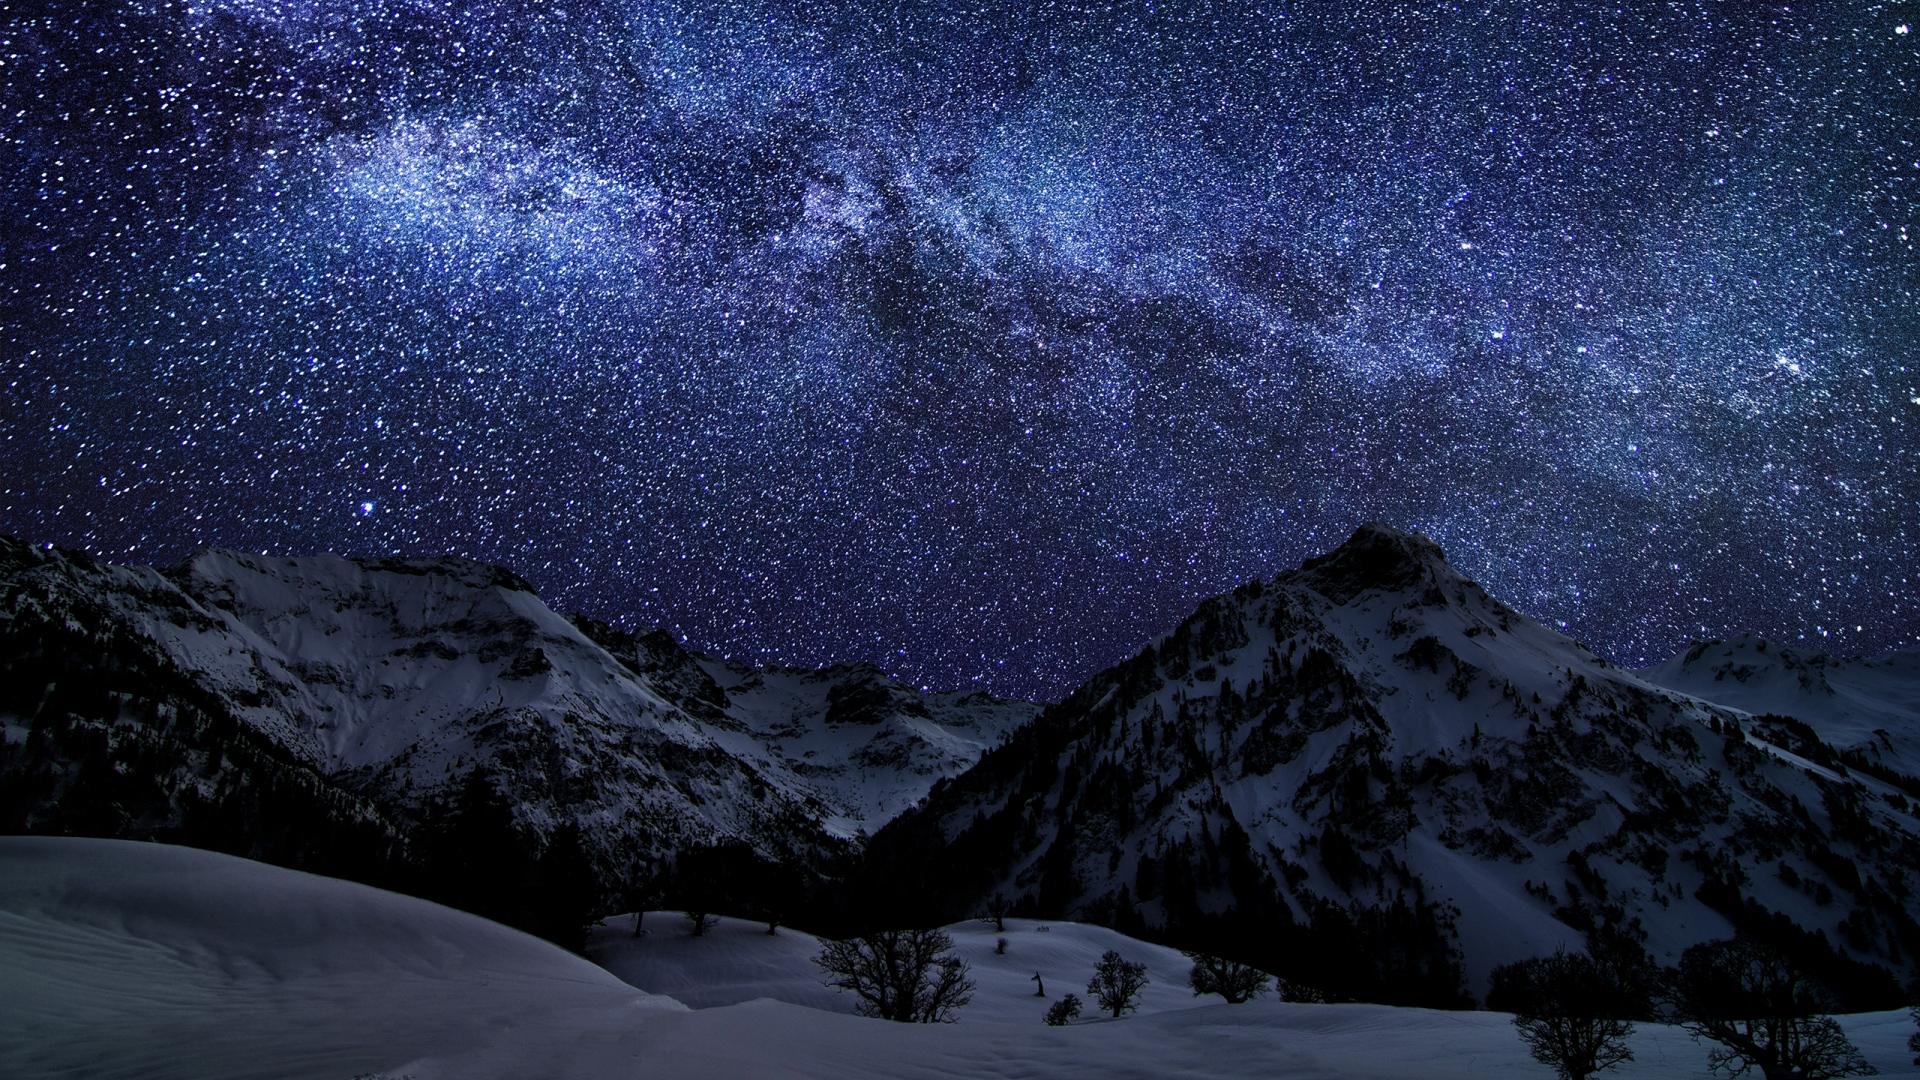 Must see Wallpaper Night Desktop - night-sky-desktop-wallpaper-16  Image.jpg